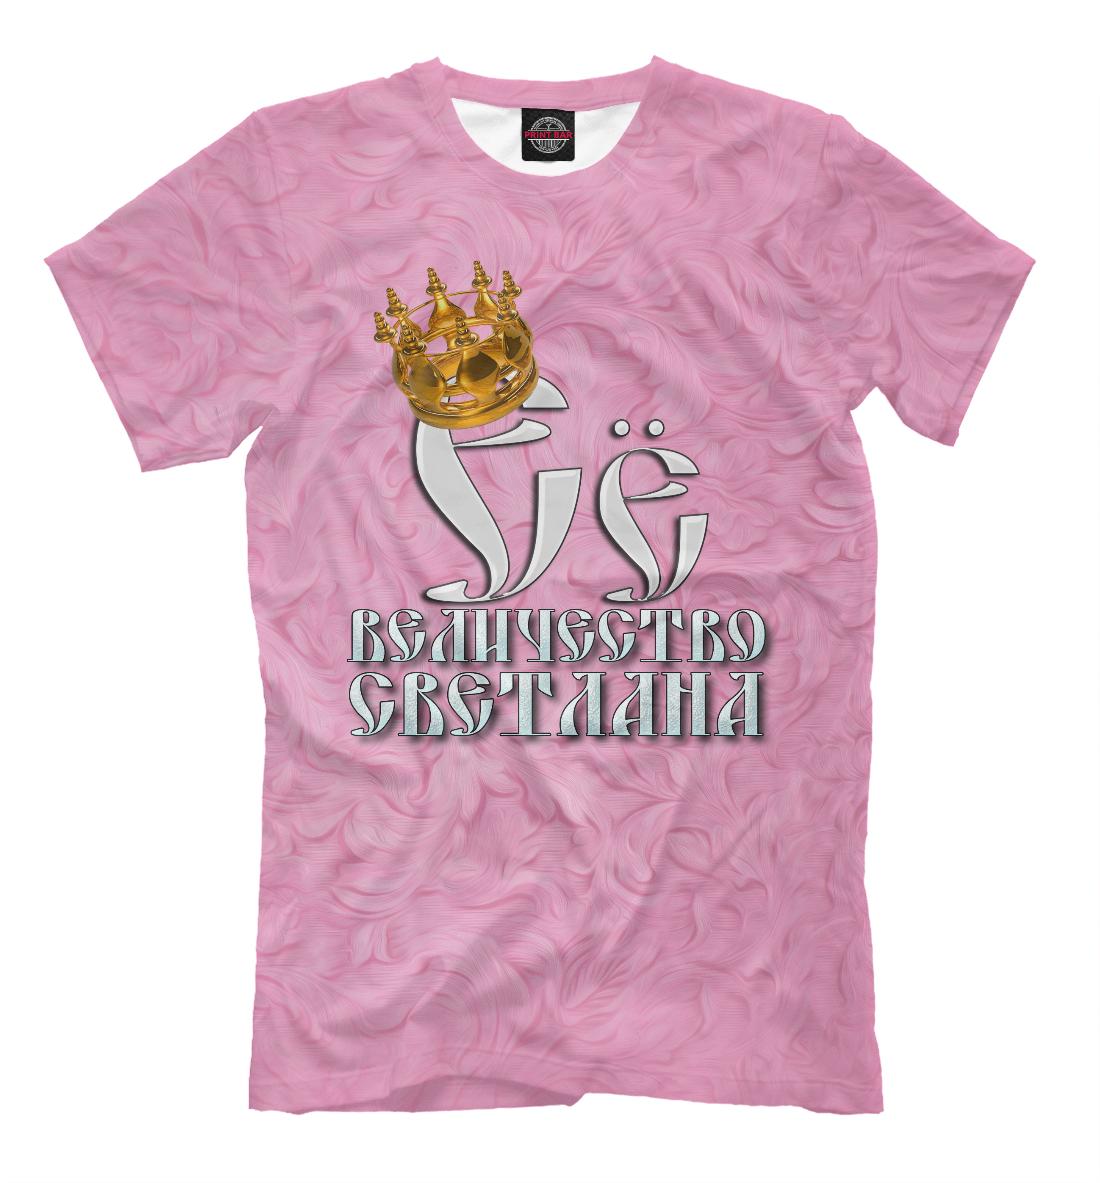 Купить Её величество Светлана, Printbar, Футболки, IMR-342423-fut-2